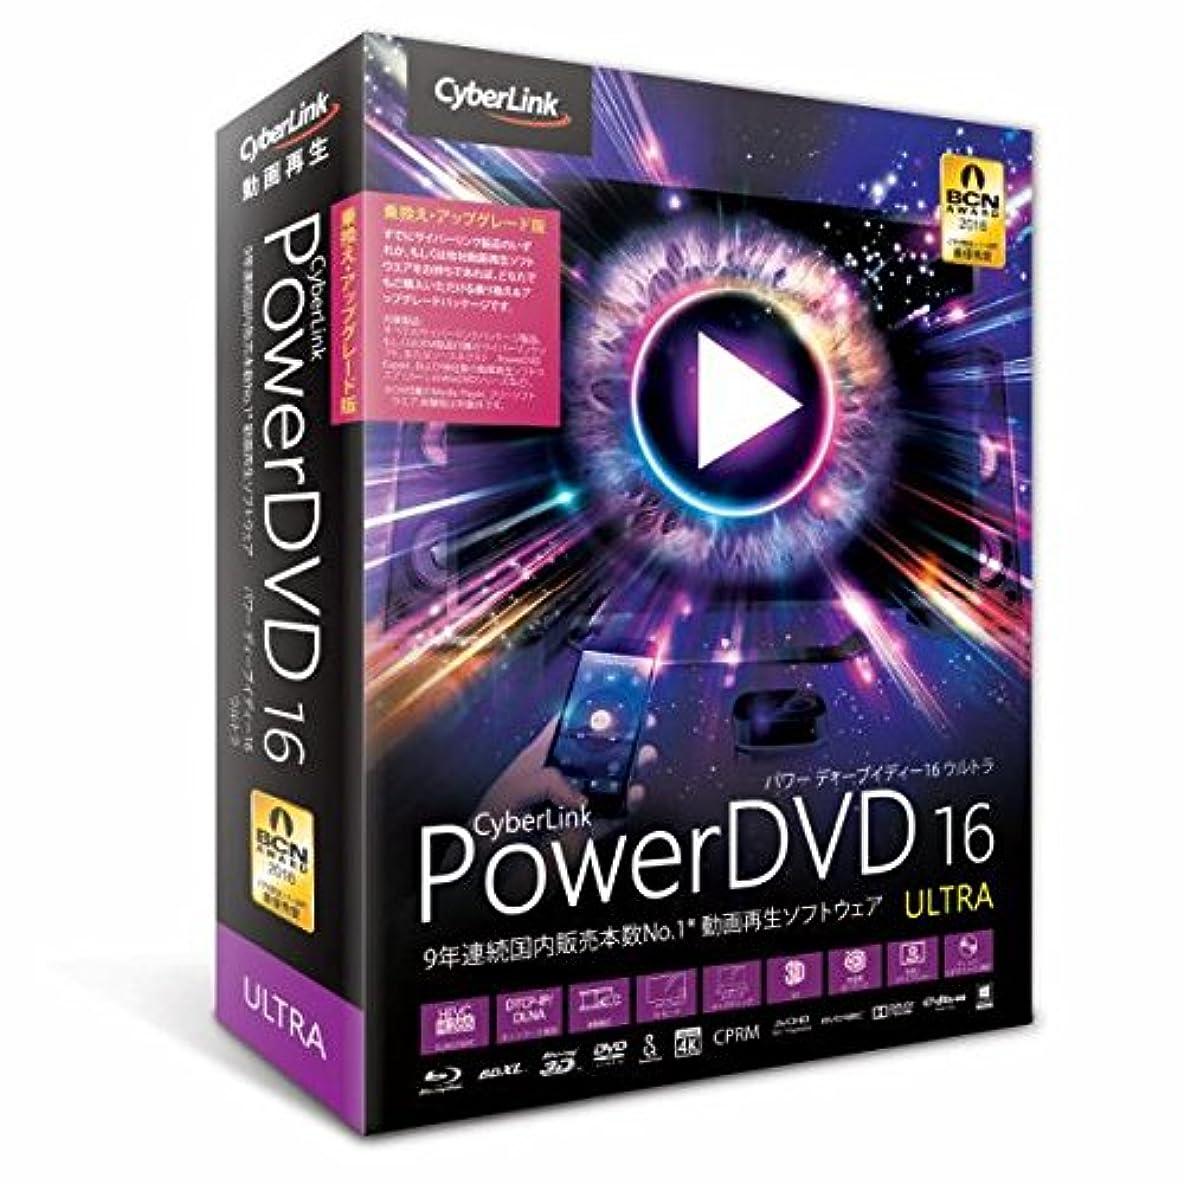 ペダル自然石のPowerDVD 16 Ultra 乗換え?アップグレード版